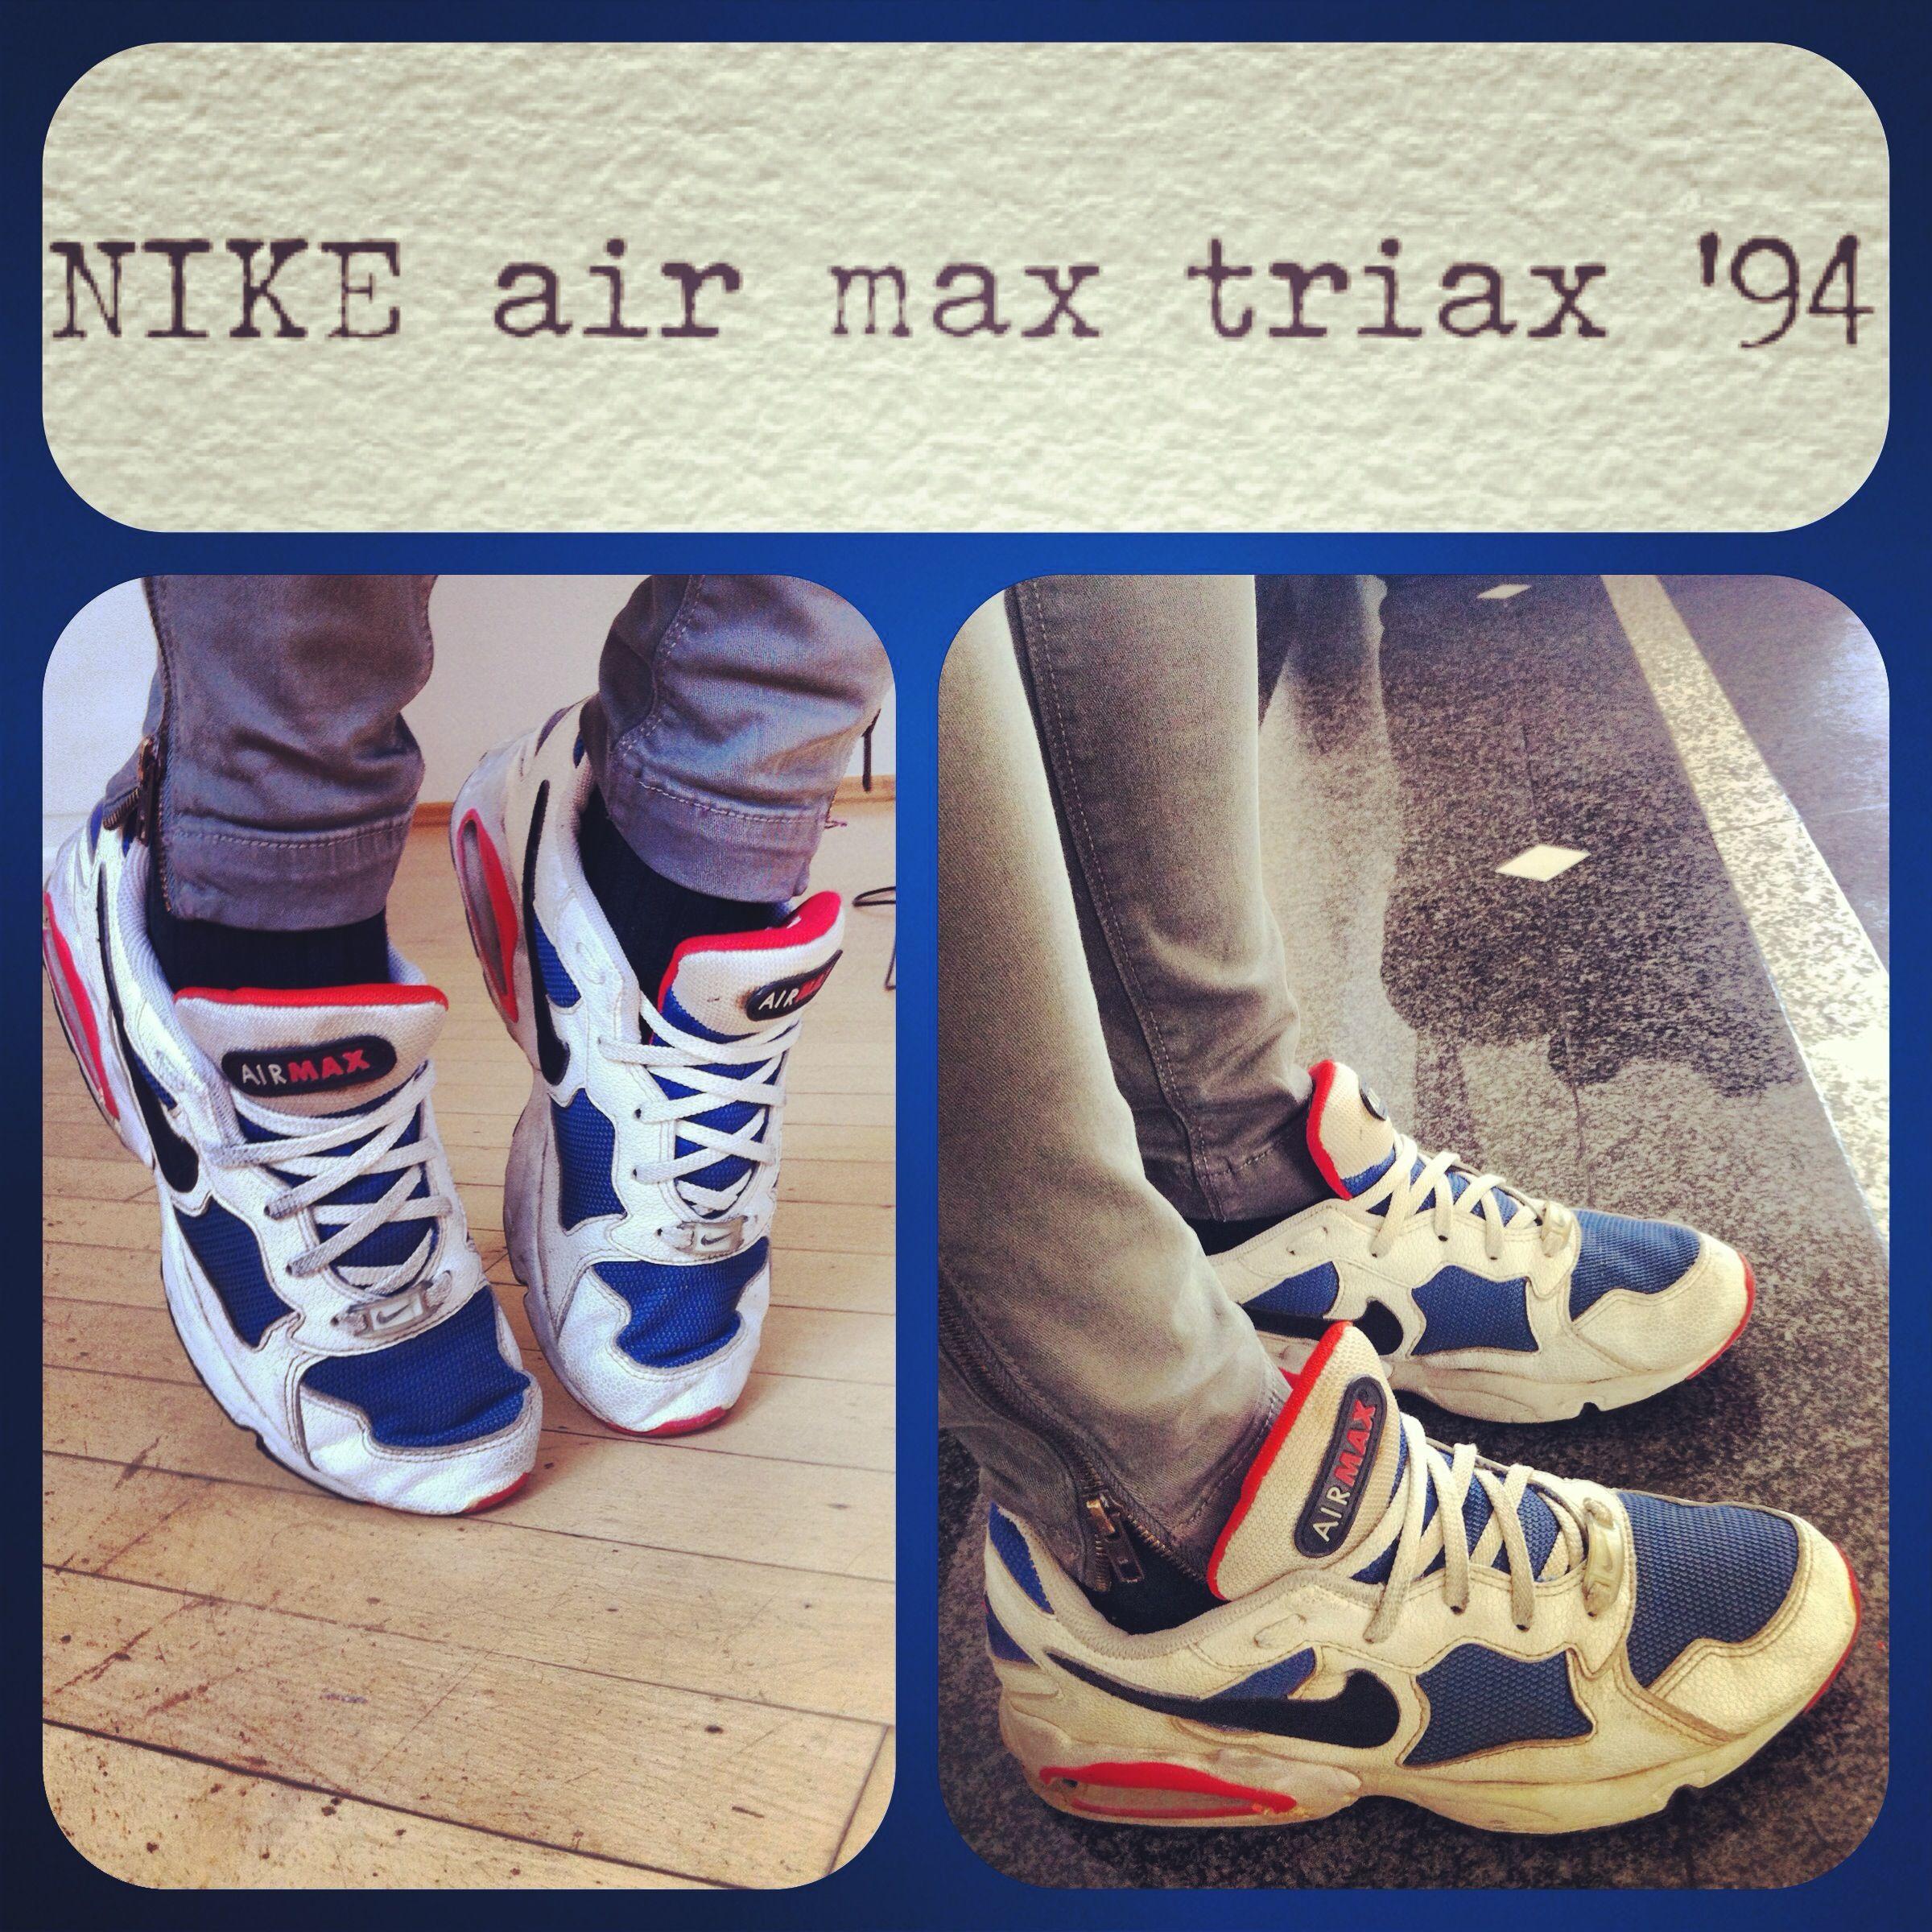 nike air max triax 94